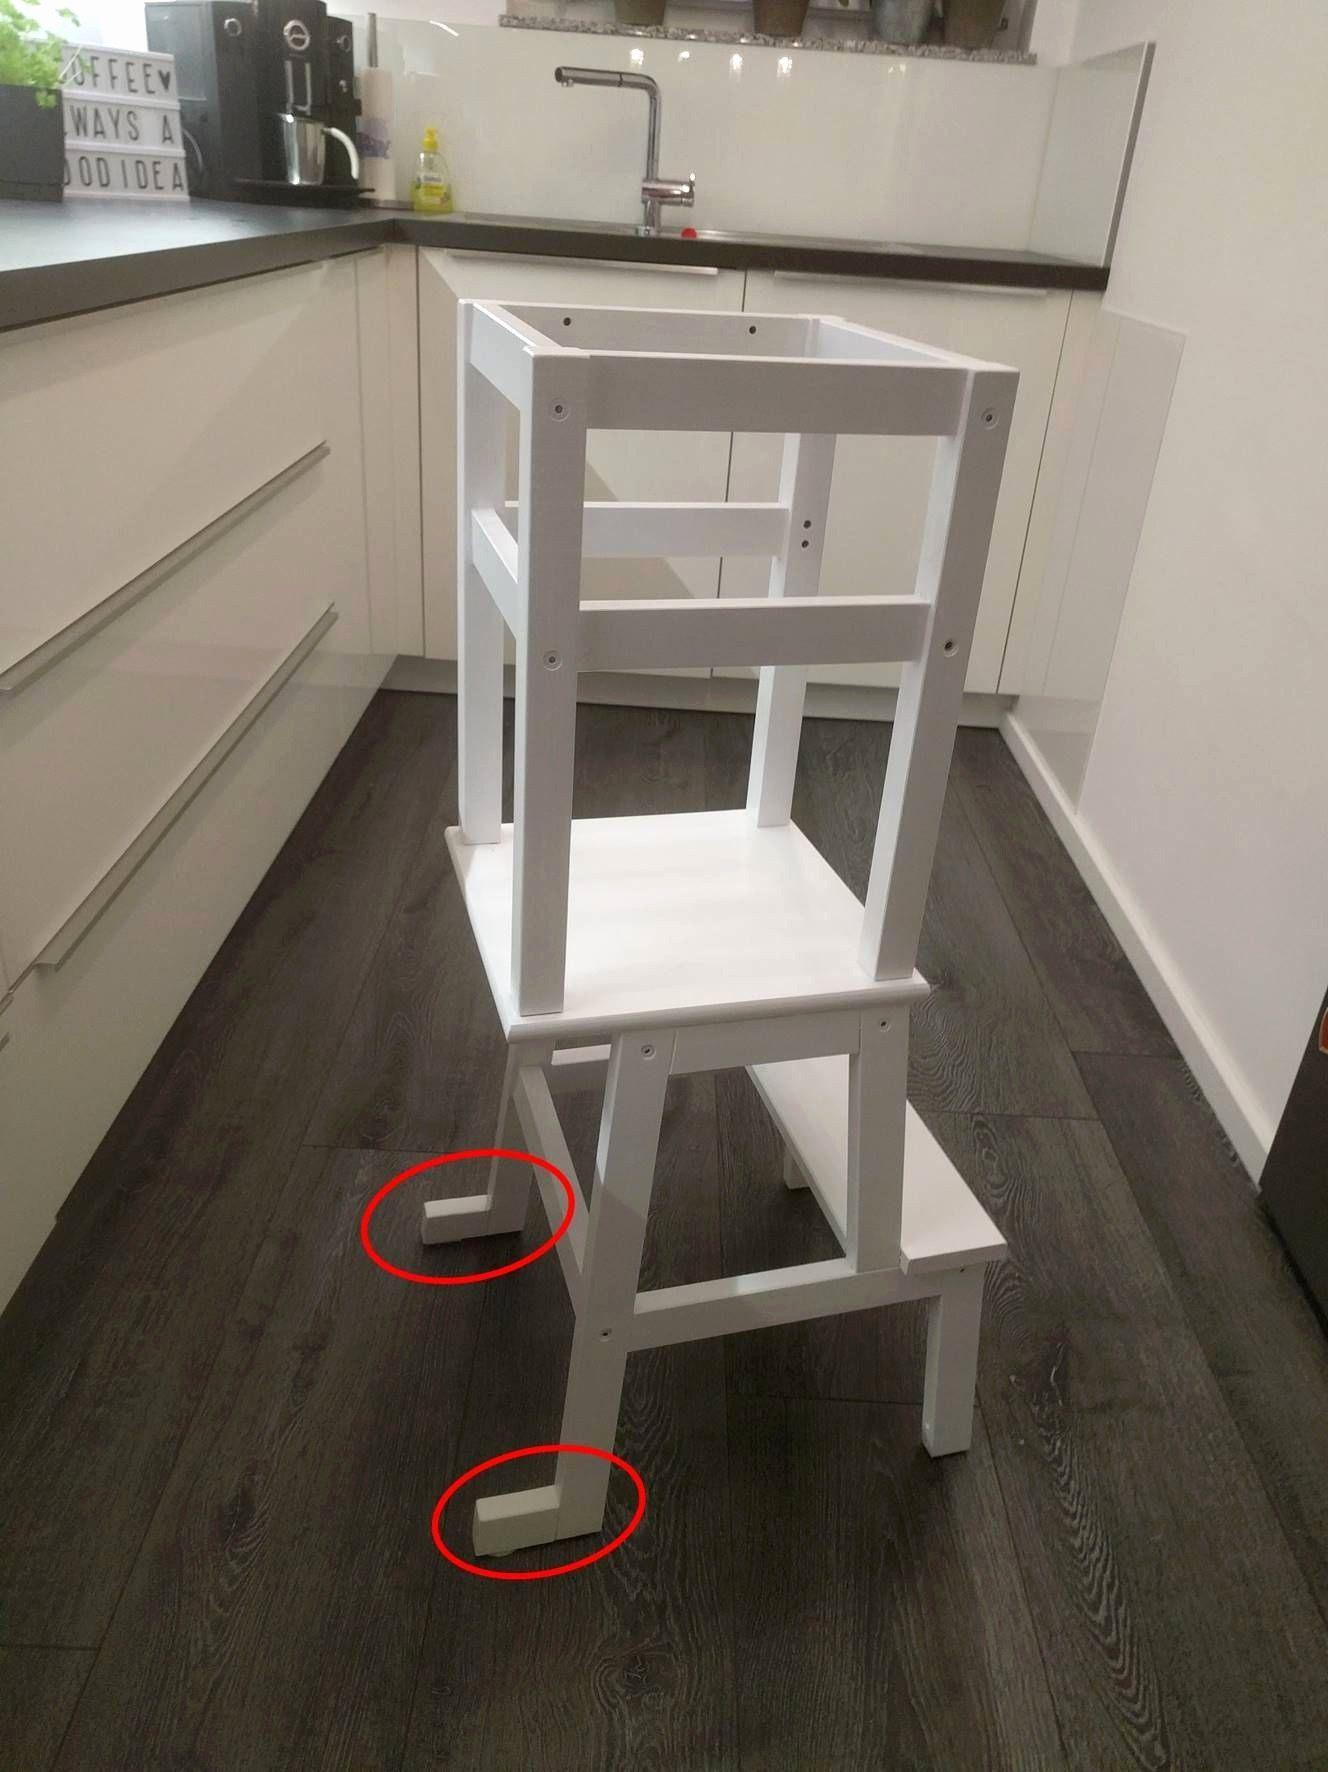 Lit Superposé Escamotable De Luxe Lit Mezzanine Bureau Armoire Lit Armoire Escamotable Beau Lit Meuble